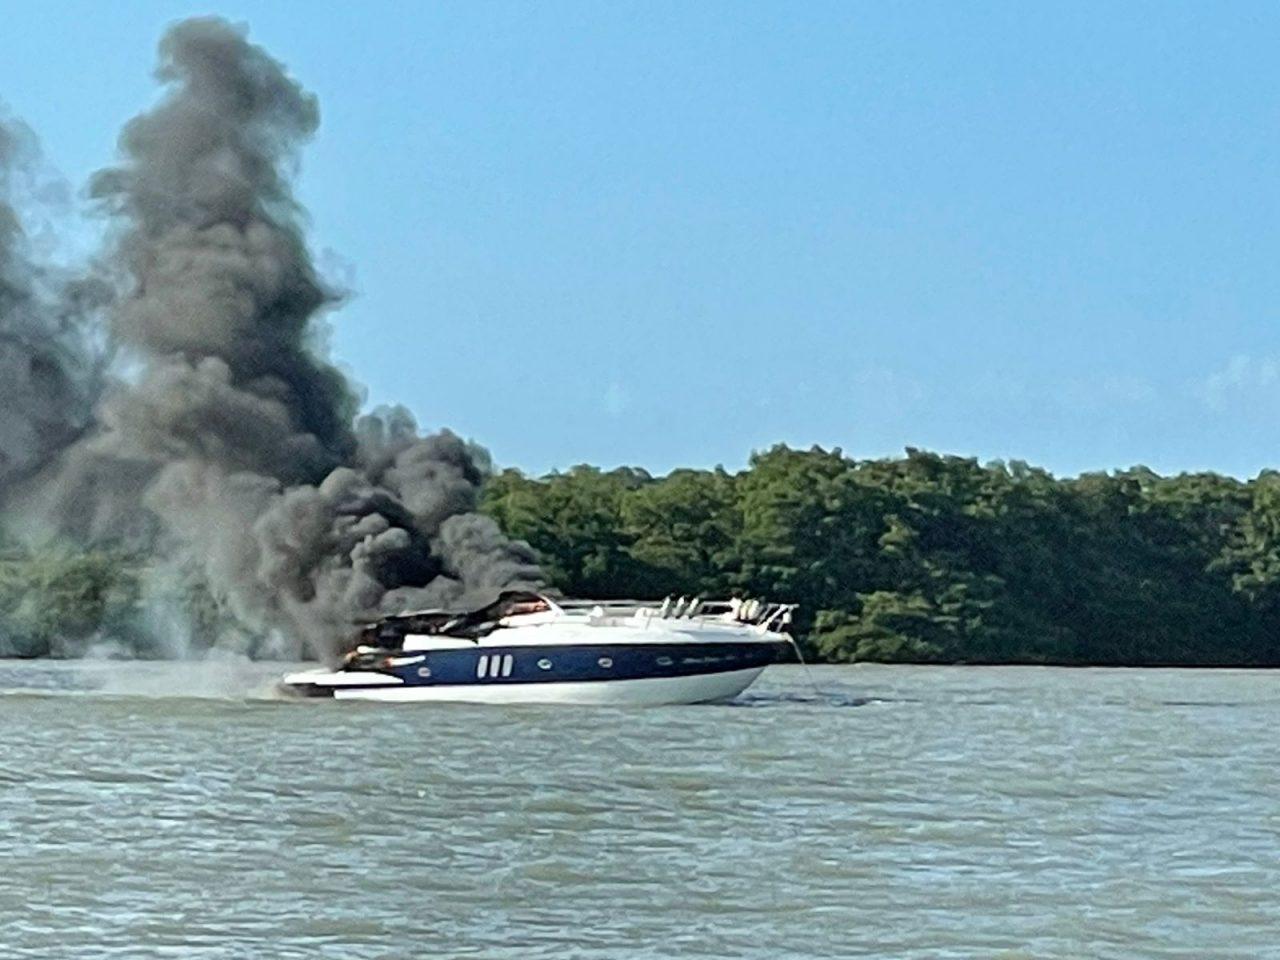 dcdf8f38 6463 49d8 9b8a 83e4b240babd scaled 1 - PREJUÍZO MILIONÁRIO: veja como ficou a embarcação de luxo que pegou fogo na grande João Pessoa